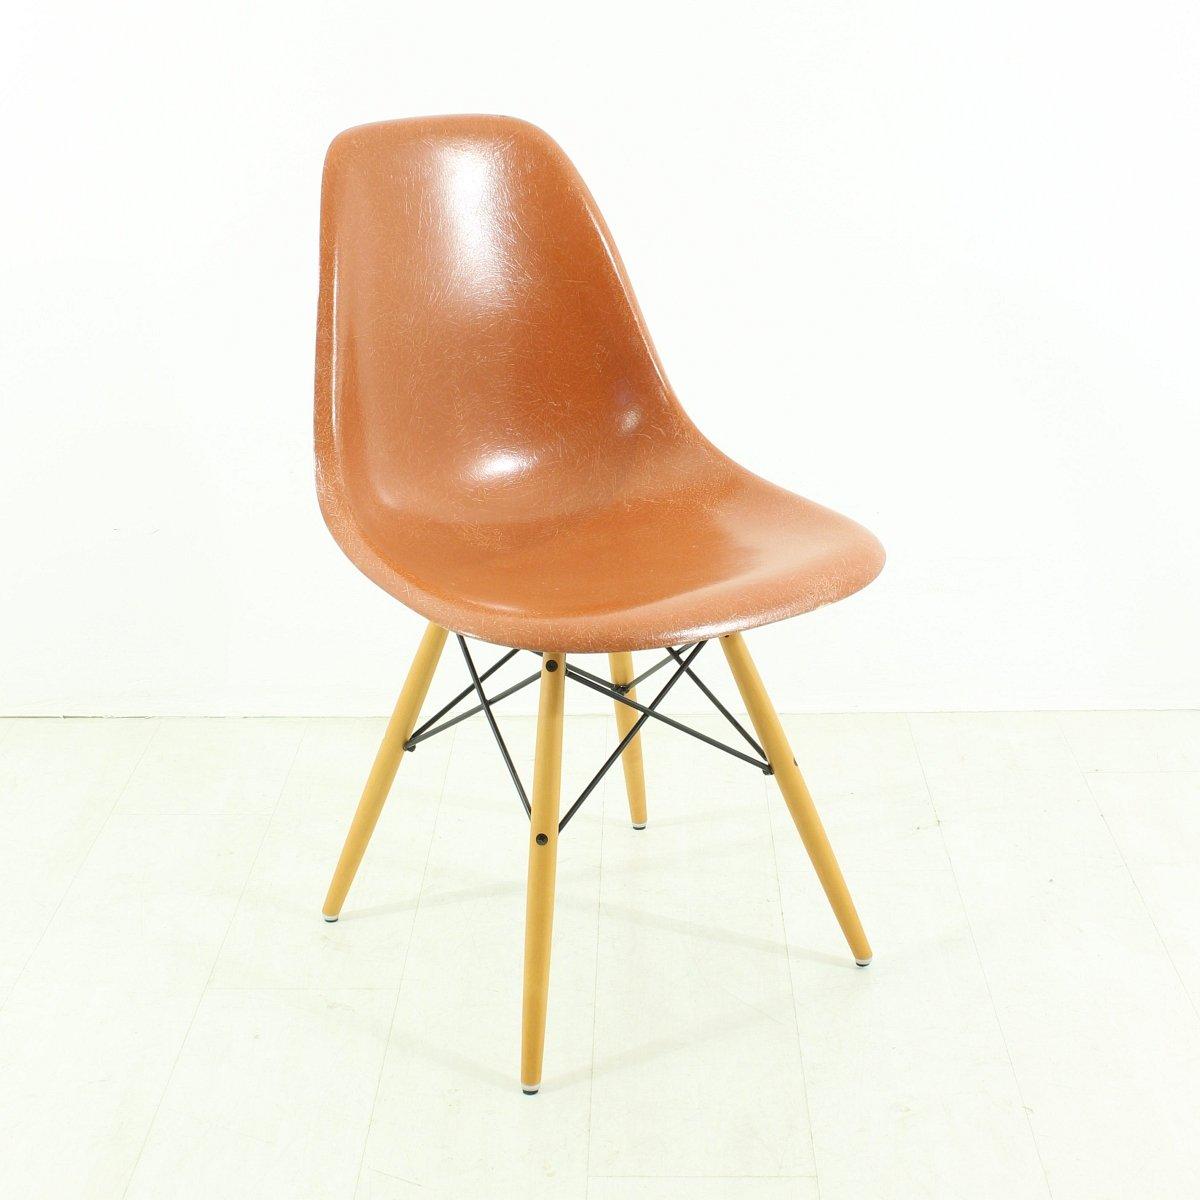 chaise terracotta vintage par charles ray eames pour vitra en vente sur pamono. Black Bedroom Furniture Sets. Home Design Ideas